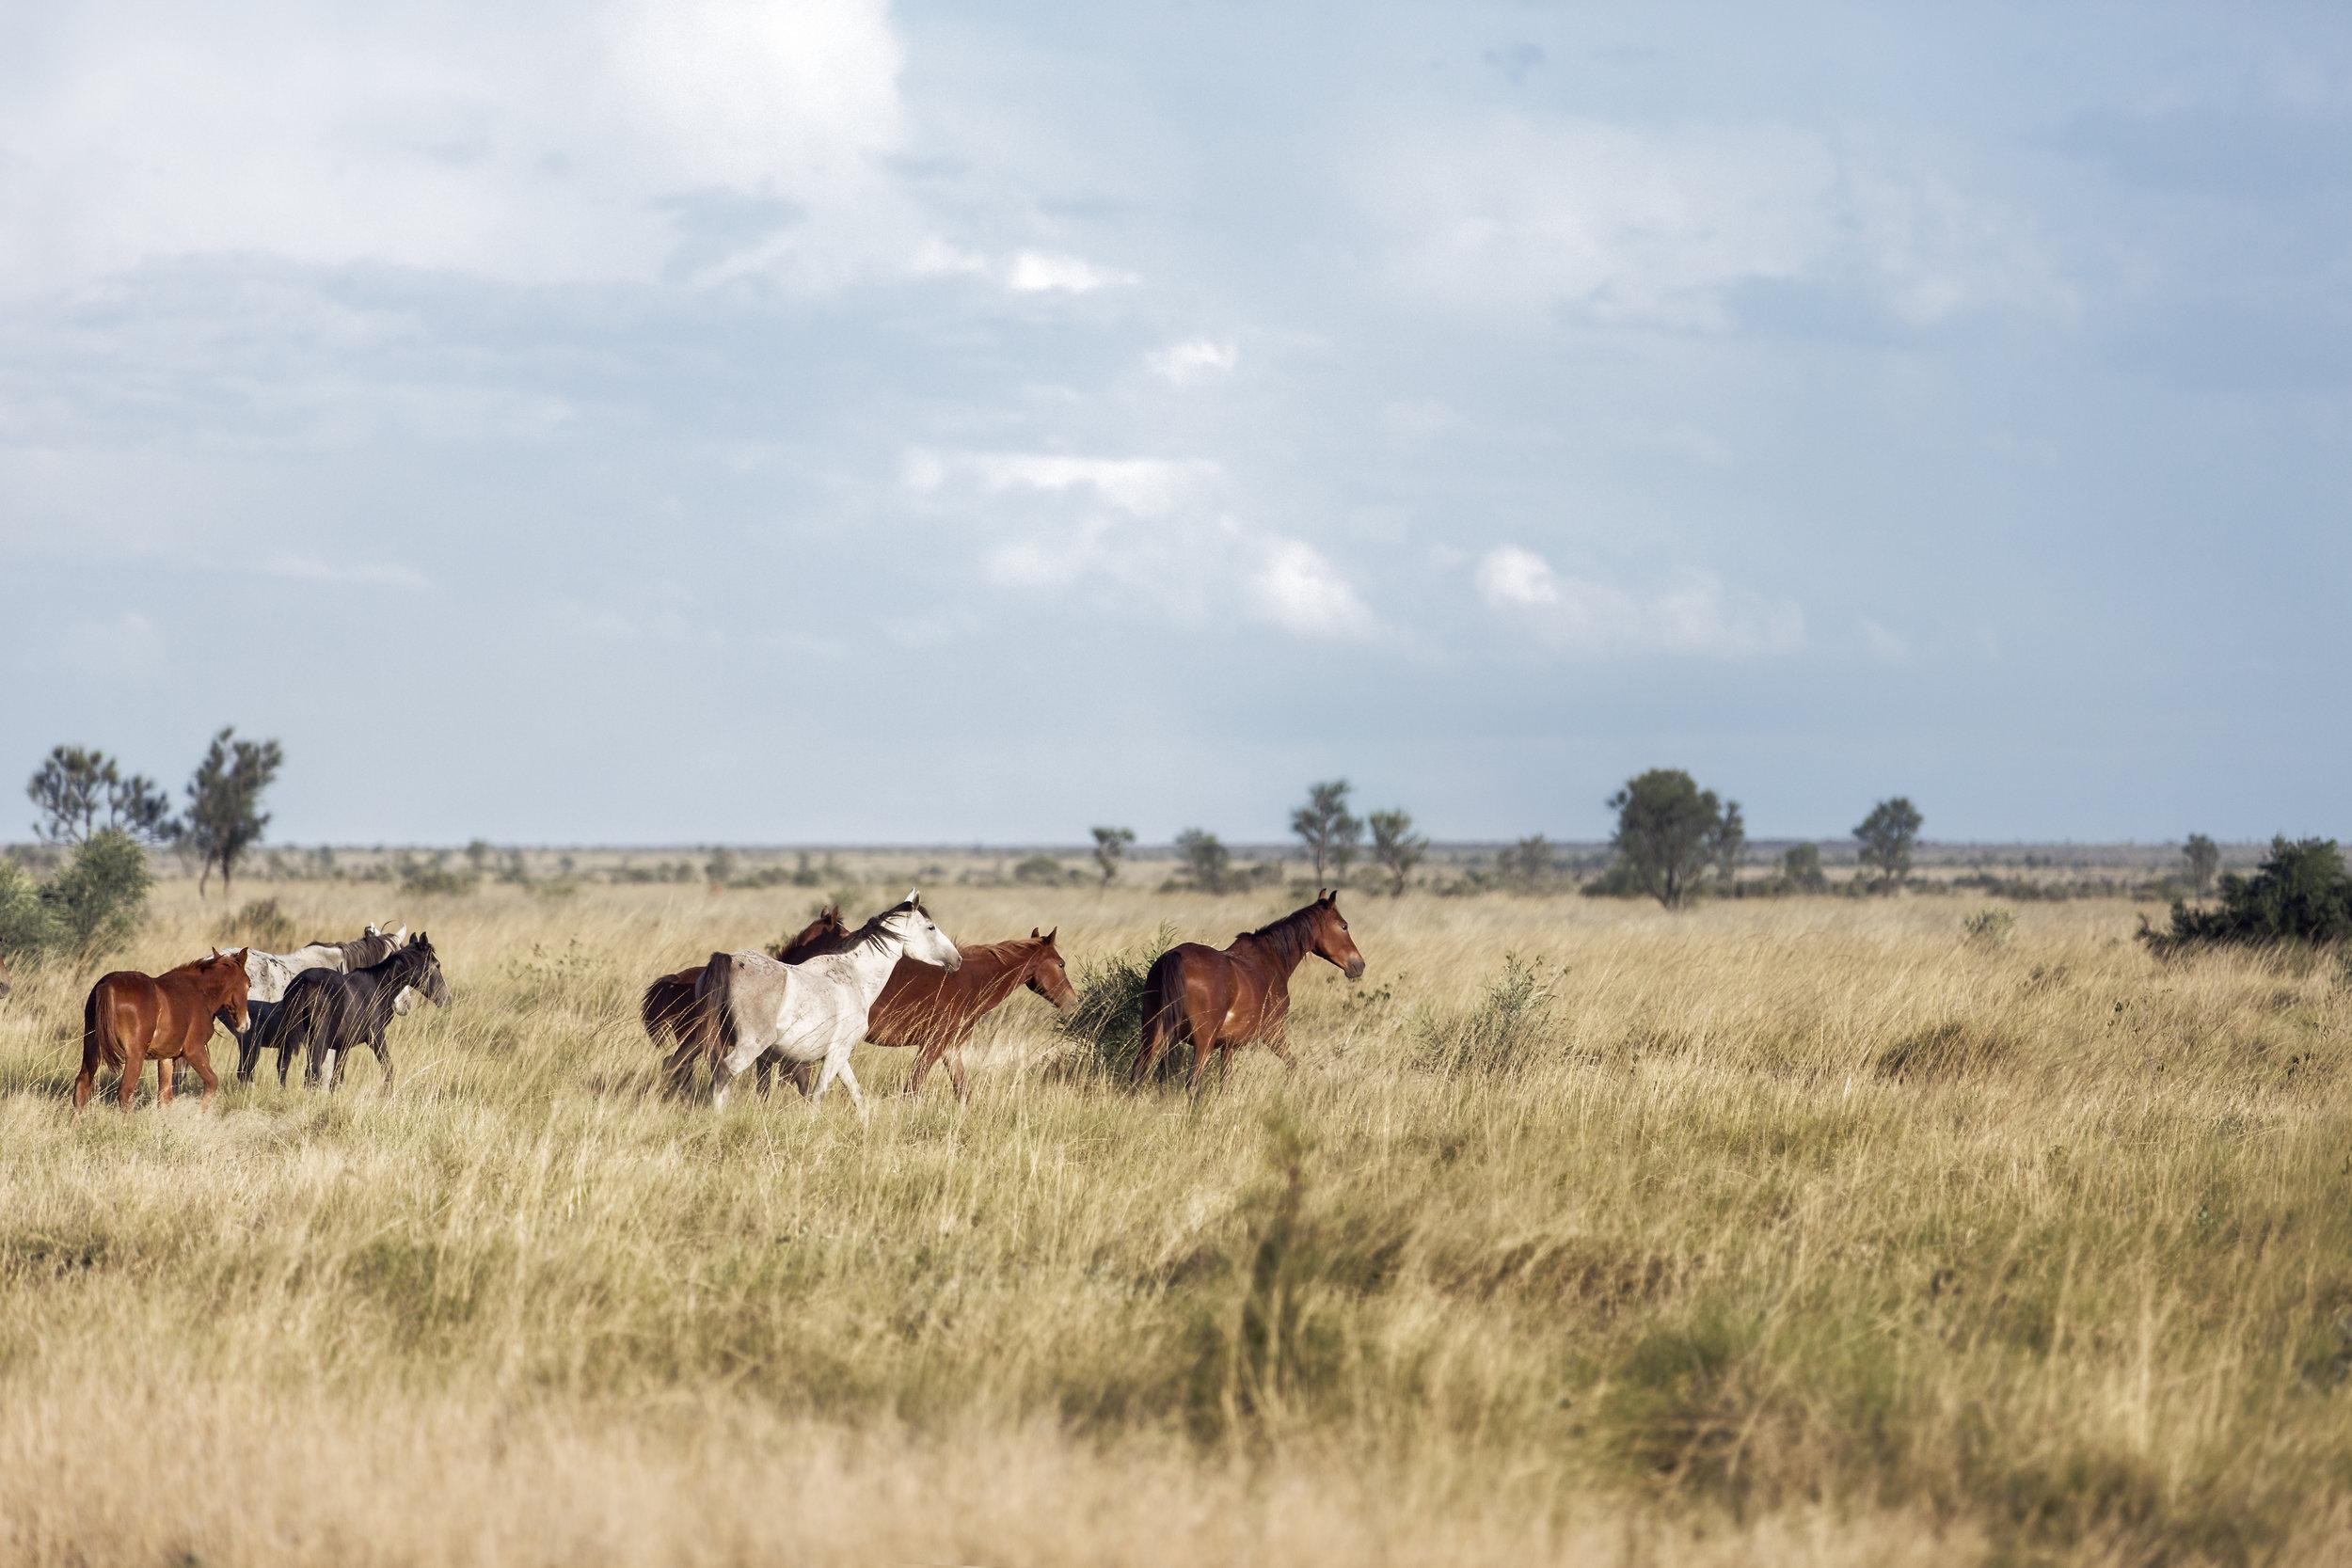 Horses_postprintedit_flat.jpg